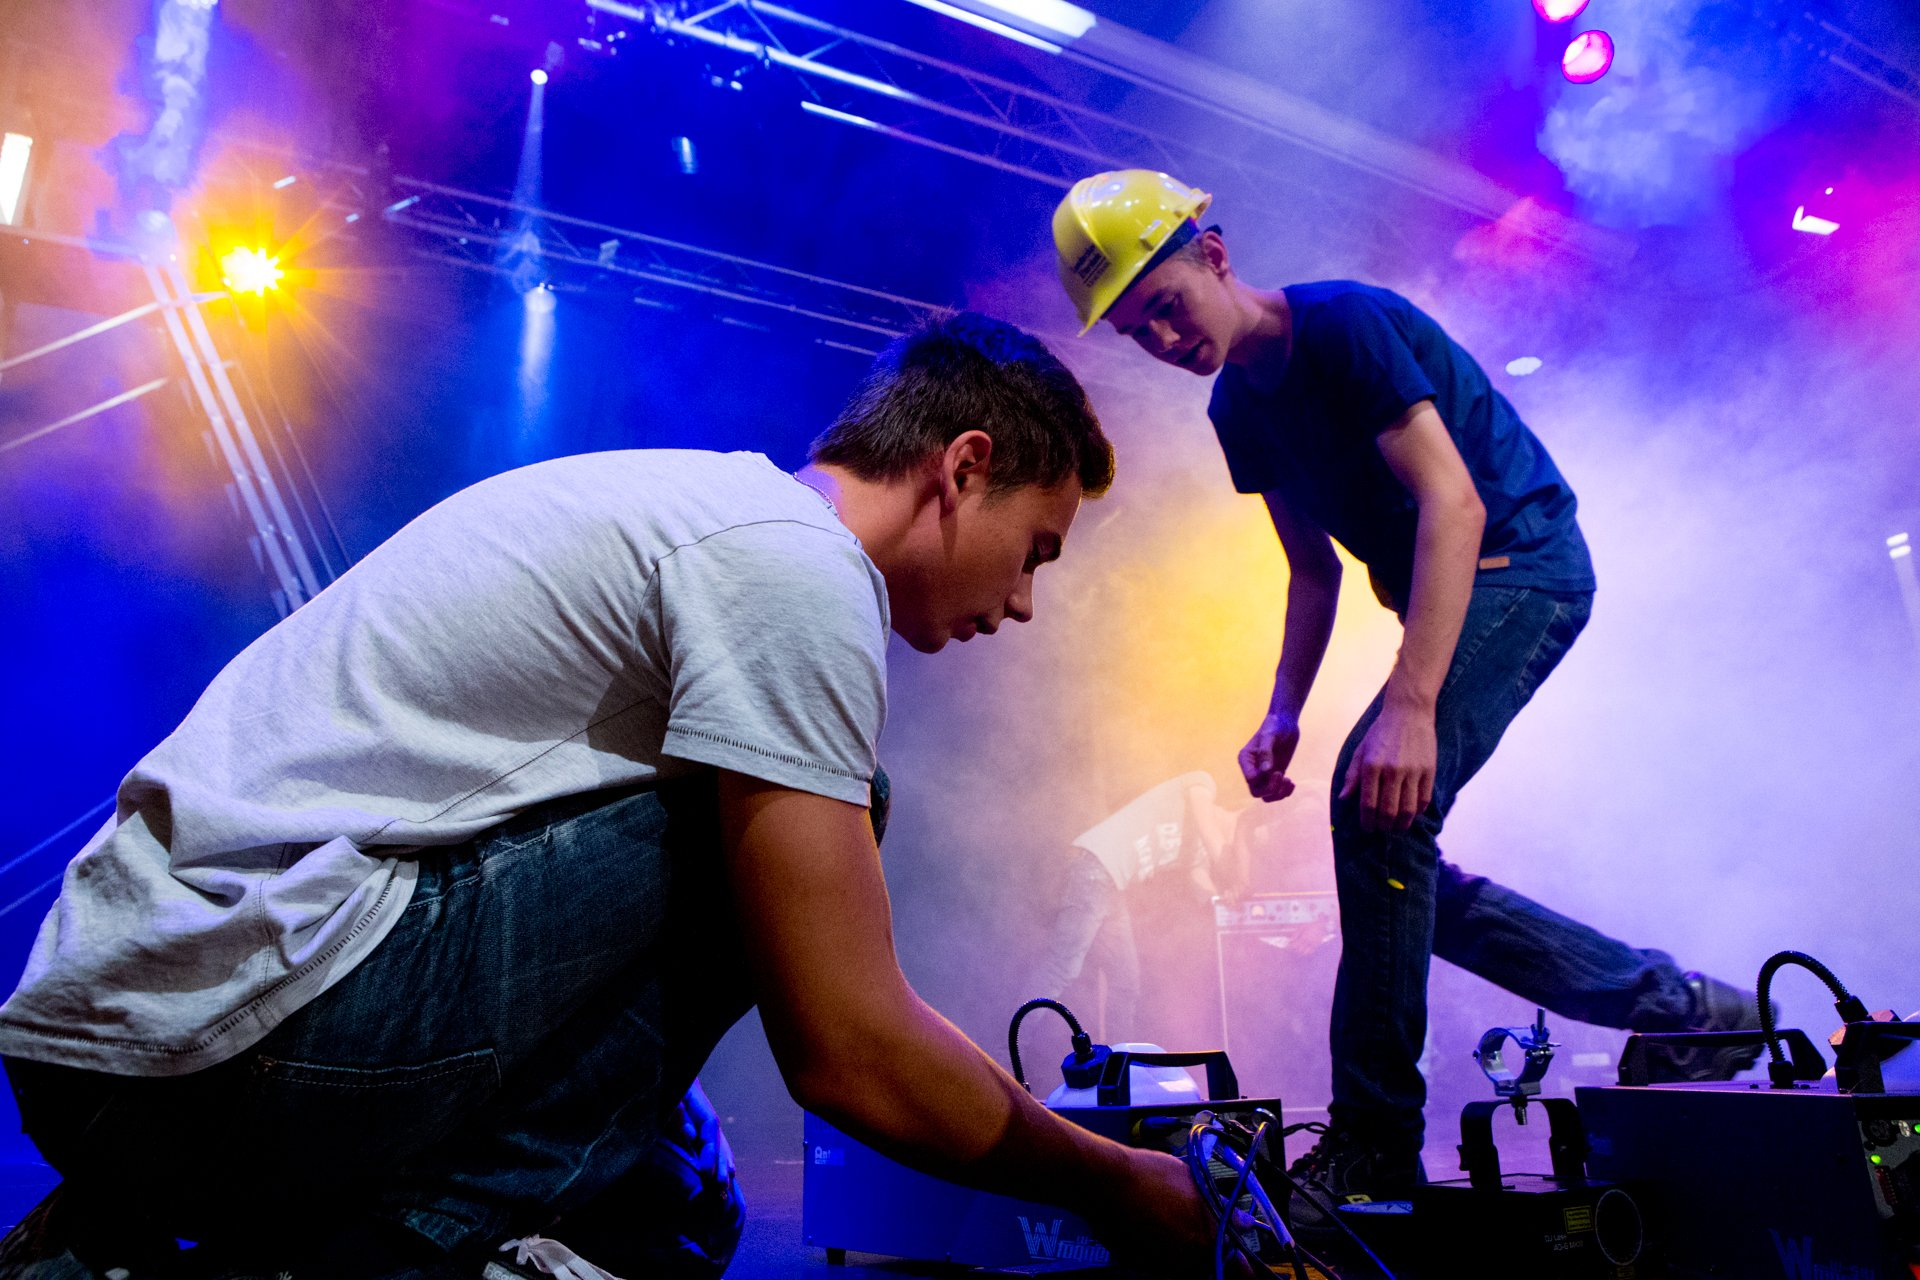 To drenge arbejder med sceneteknik i blåt lys og røg